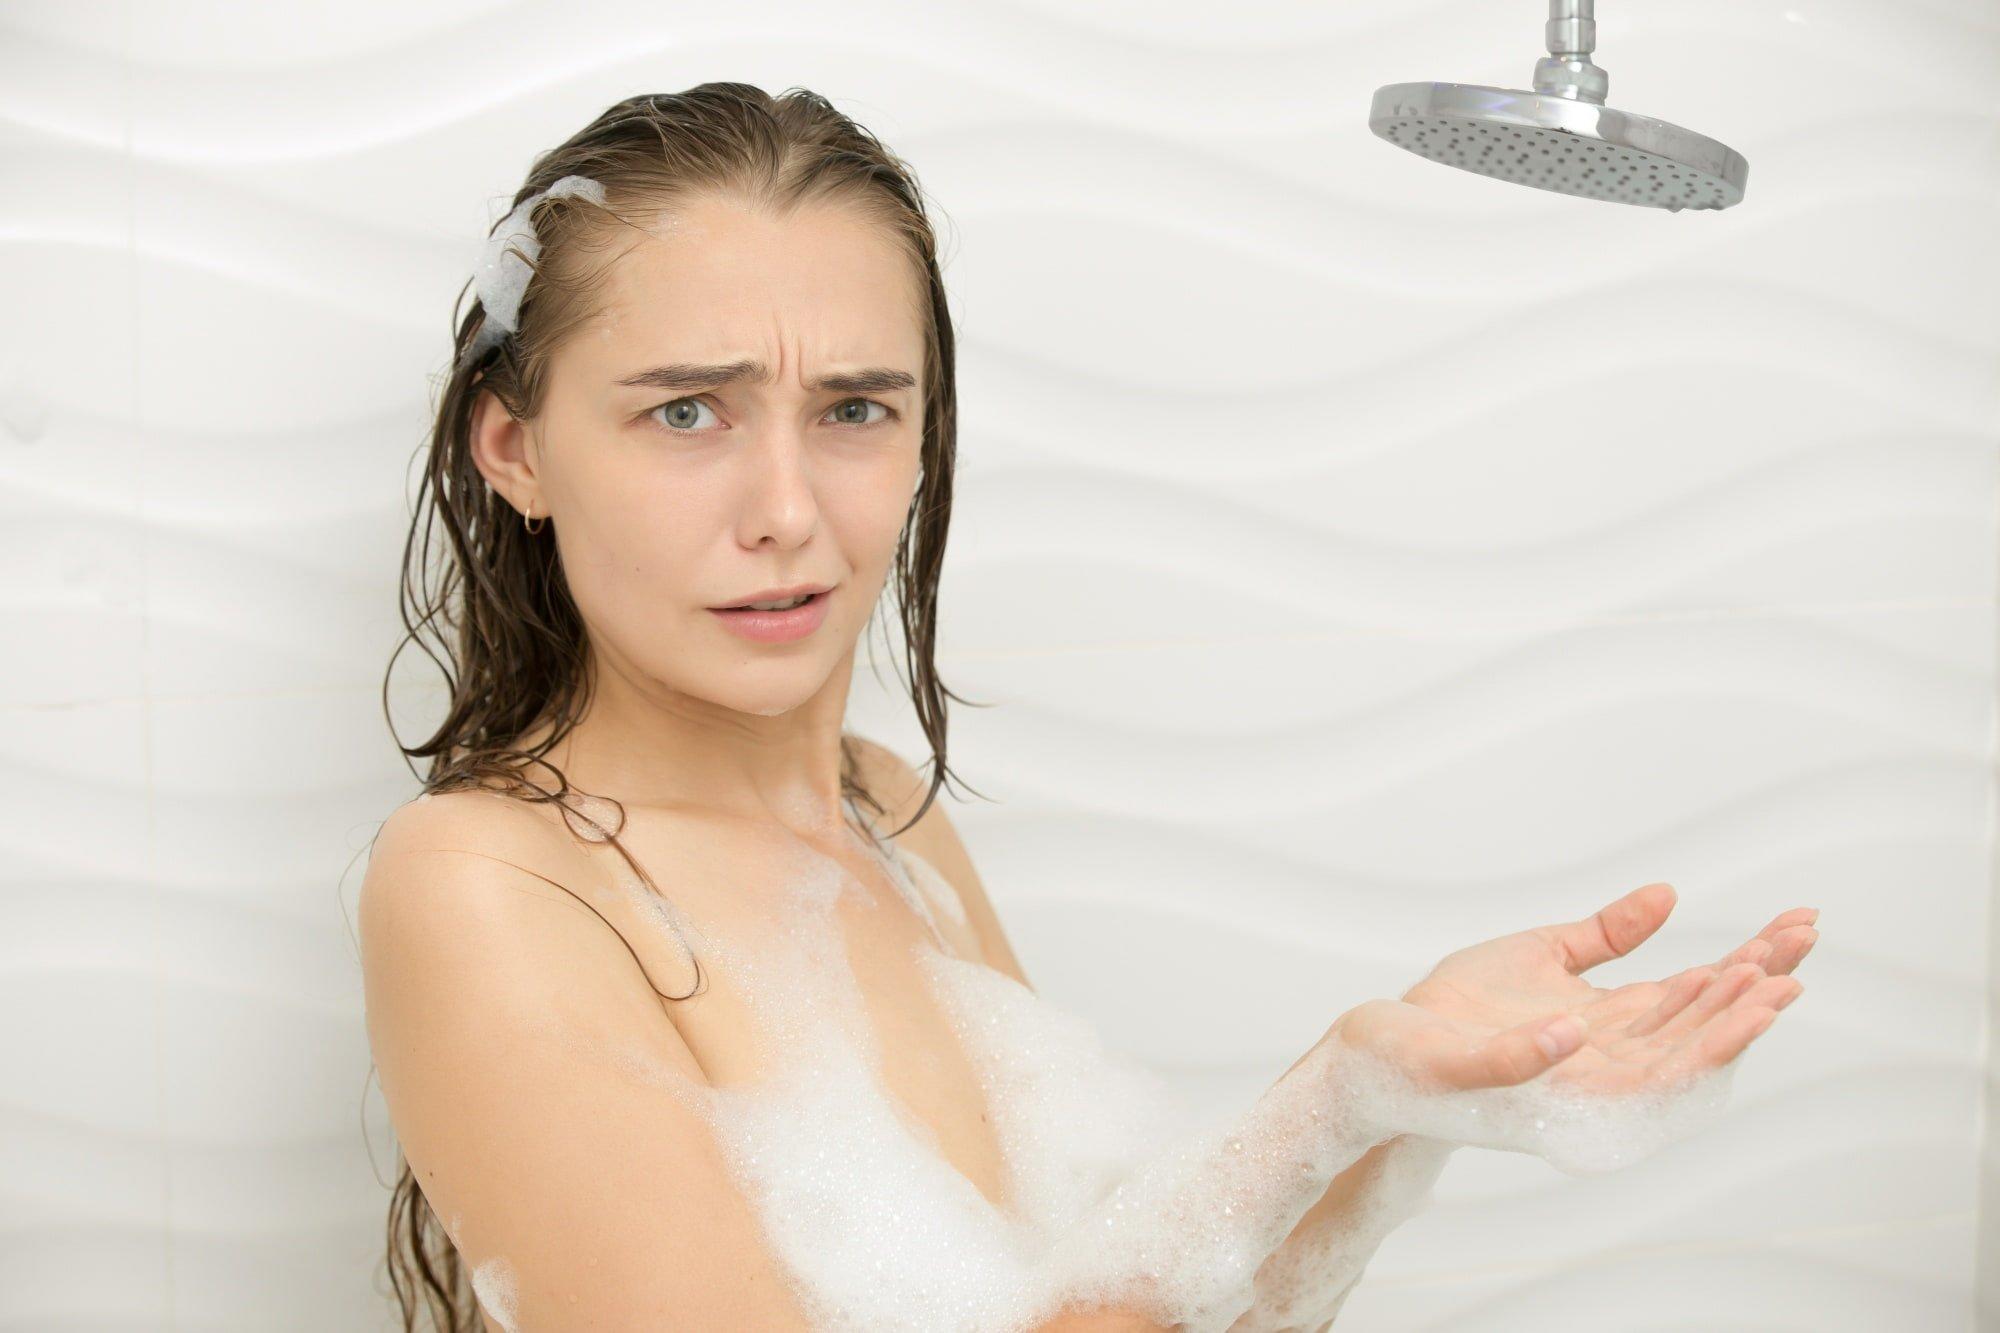 Жизнь необратимо изменилась, когда муж избавился от плитки в туалете